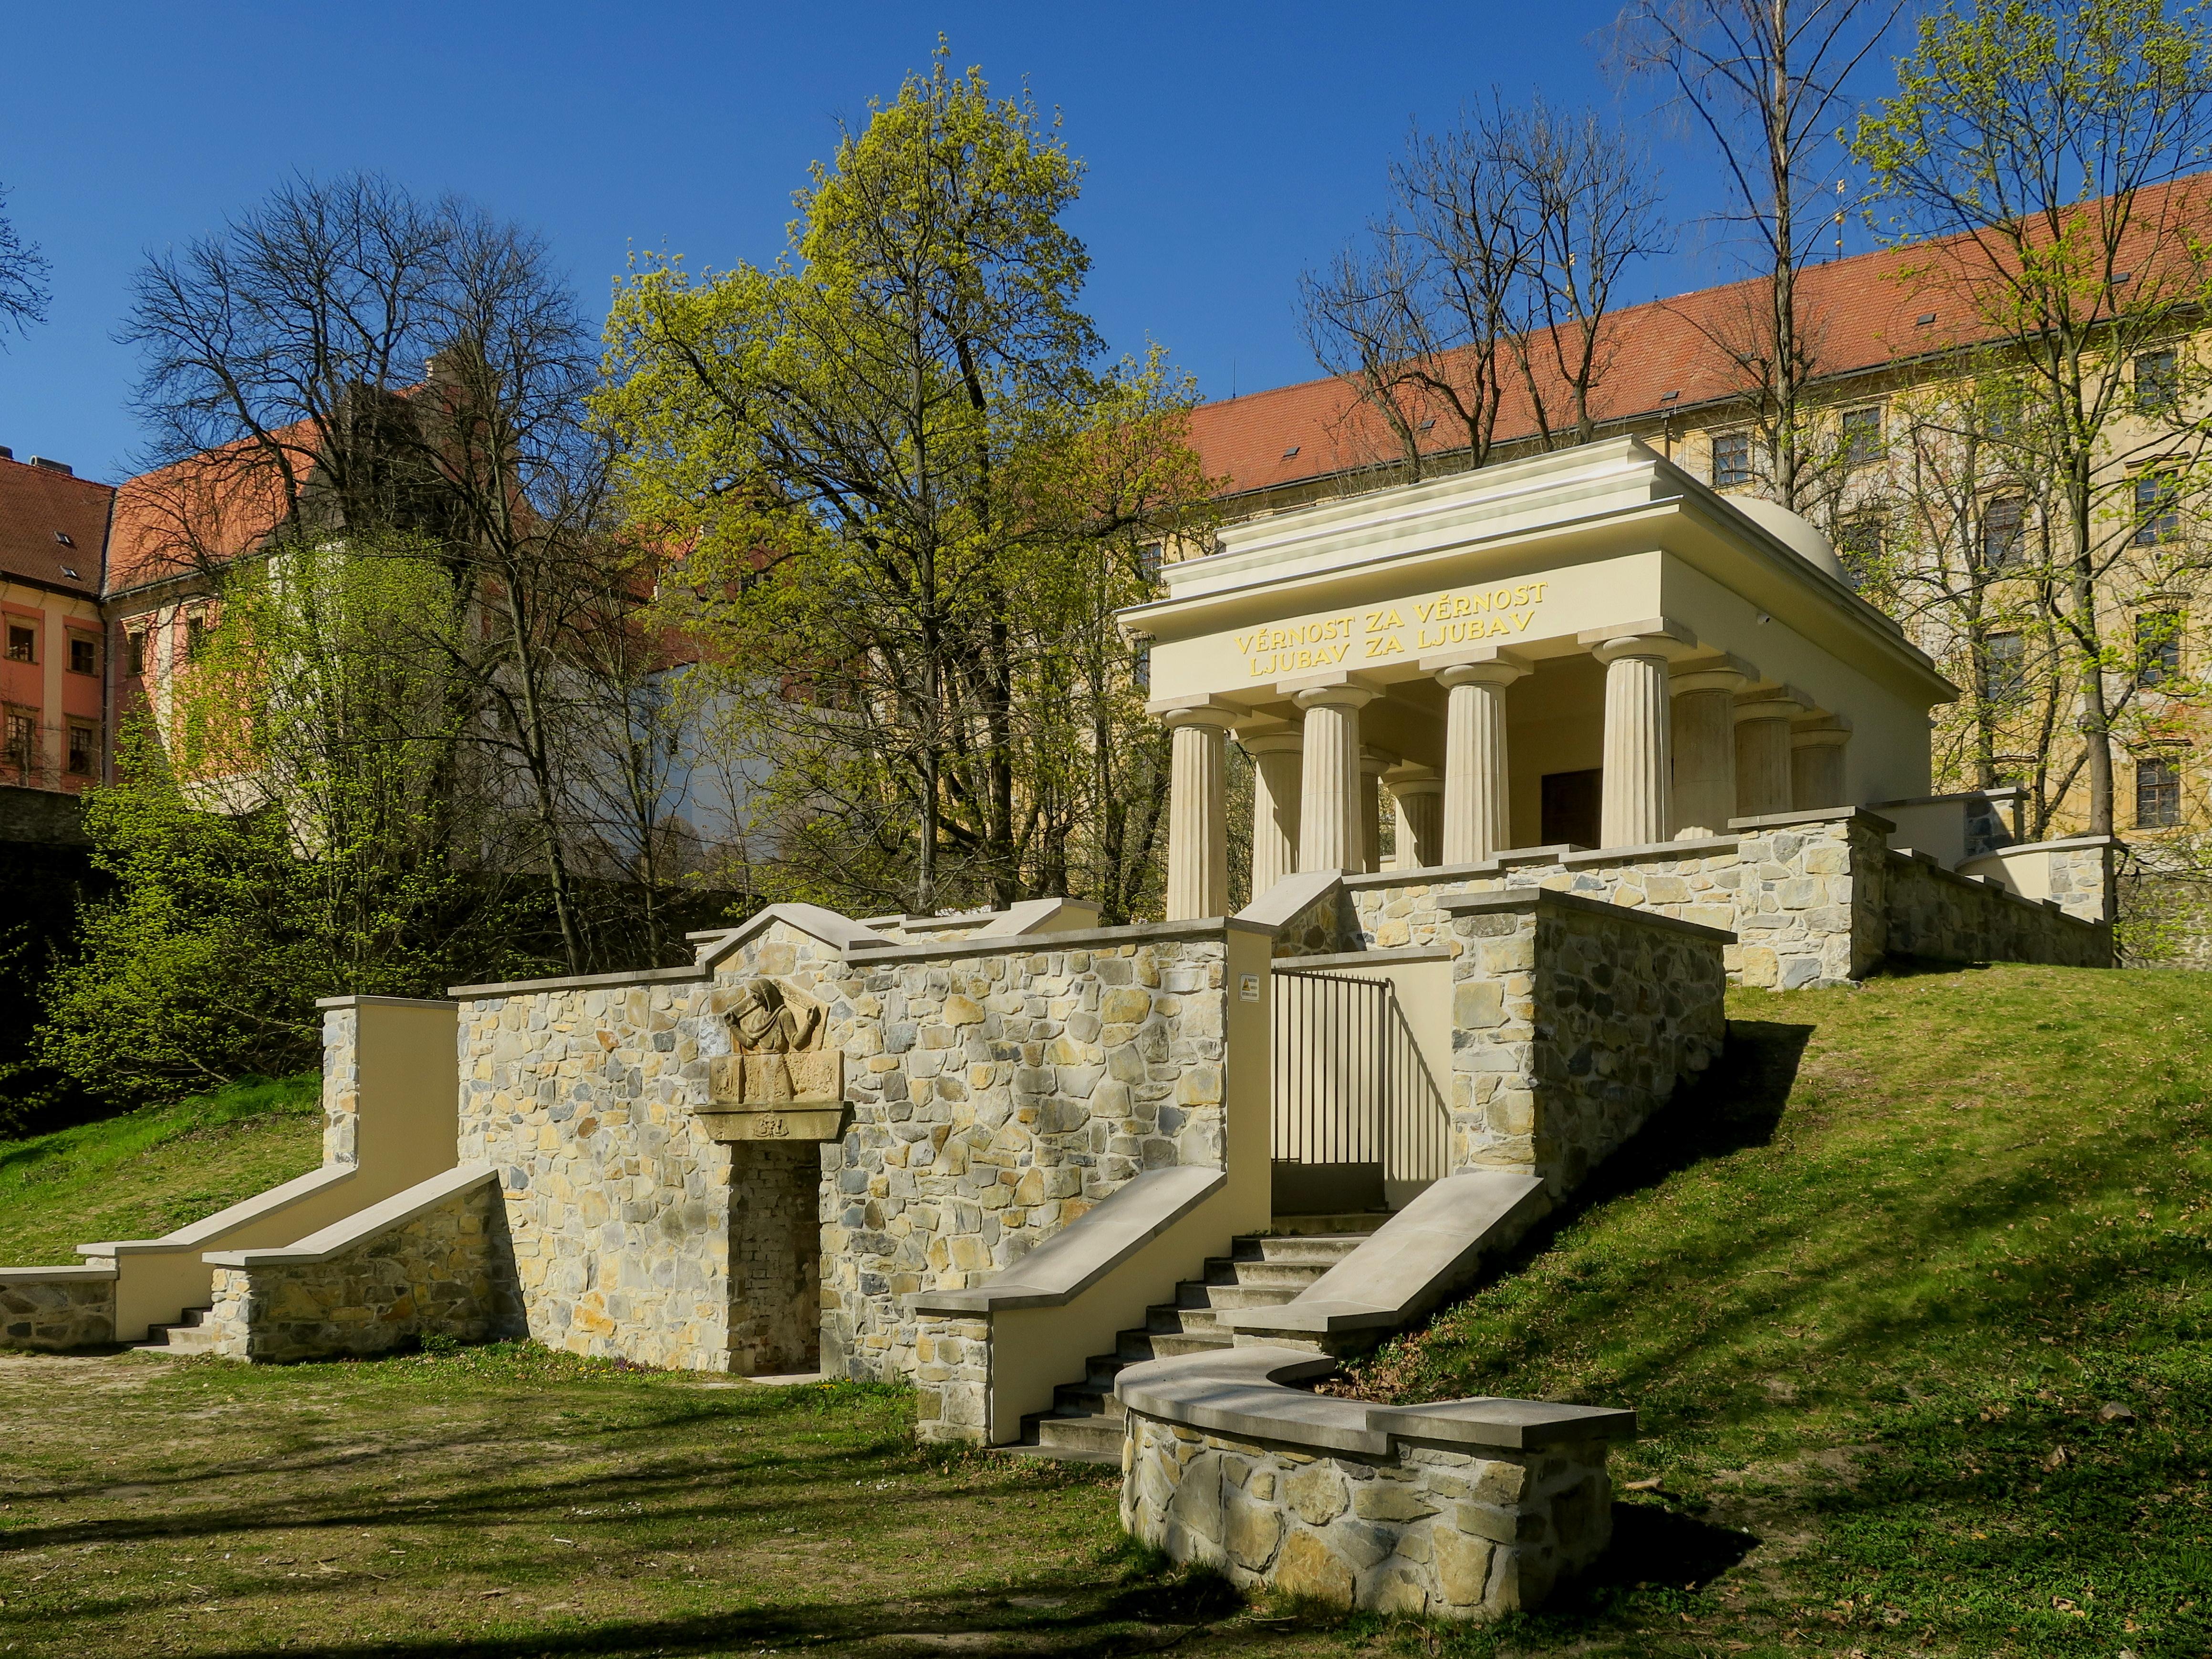 File:Mauzoleum jugoslavskych vojinu Olomouc 2020.JPG